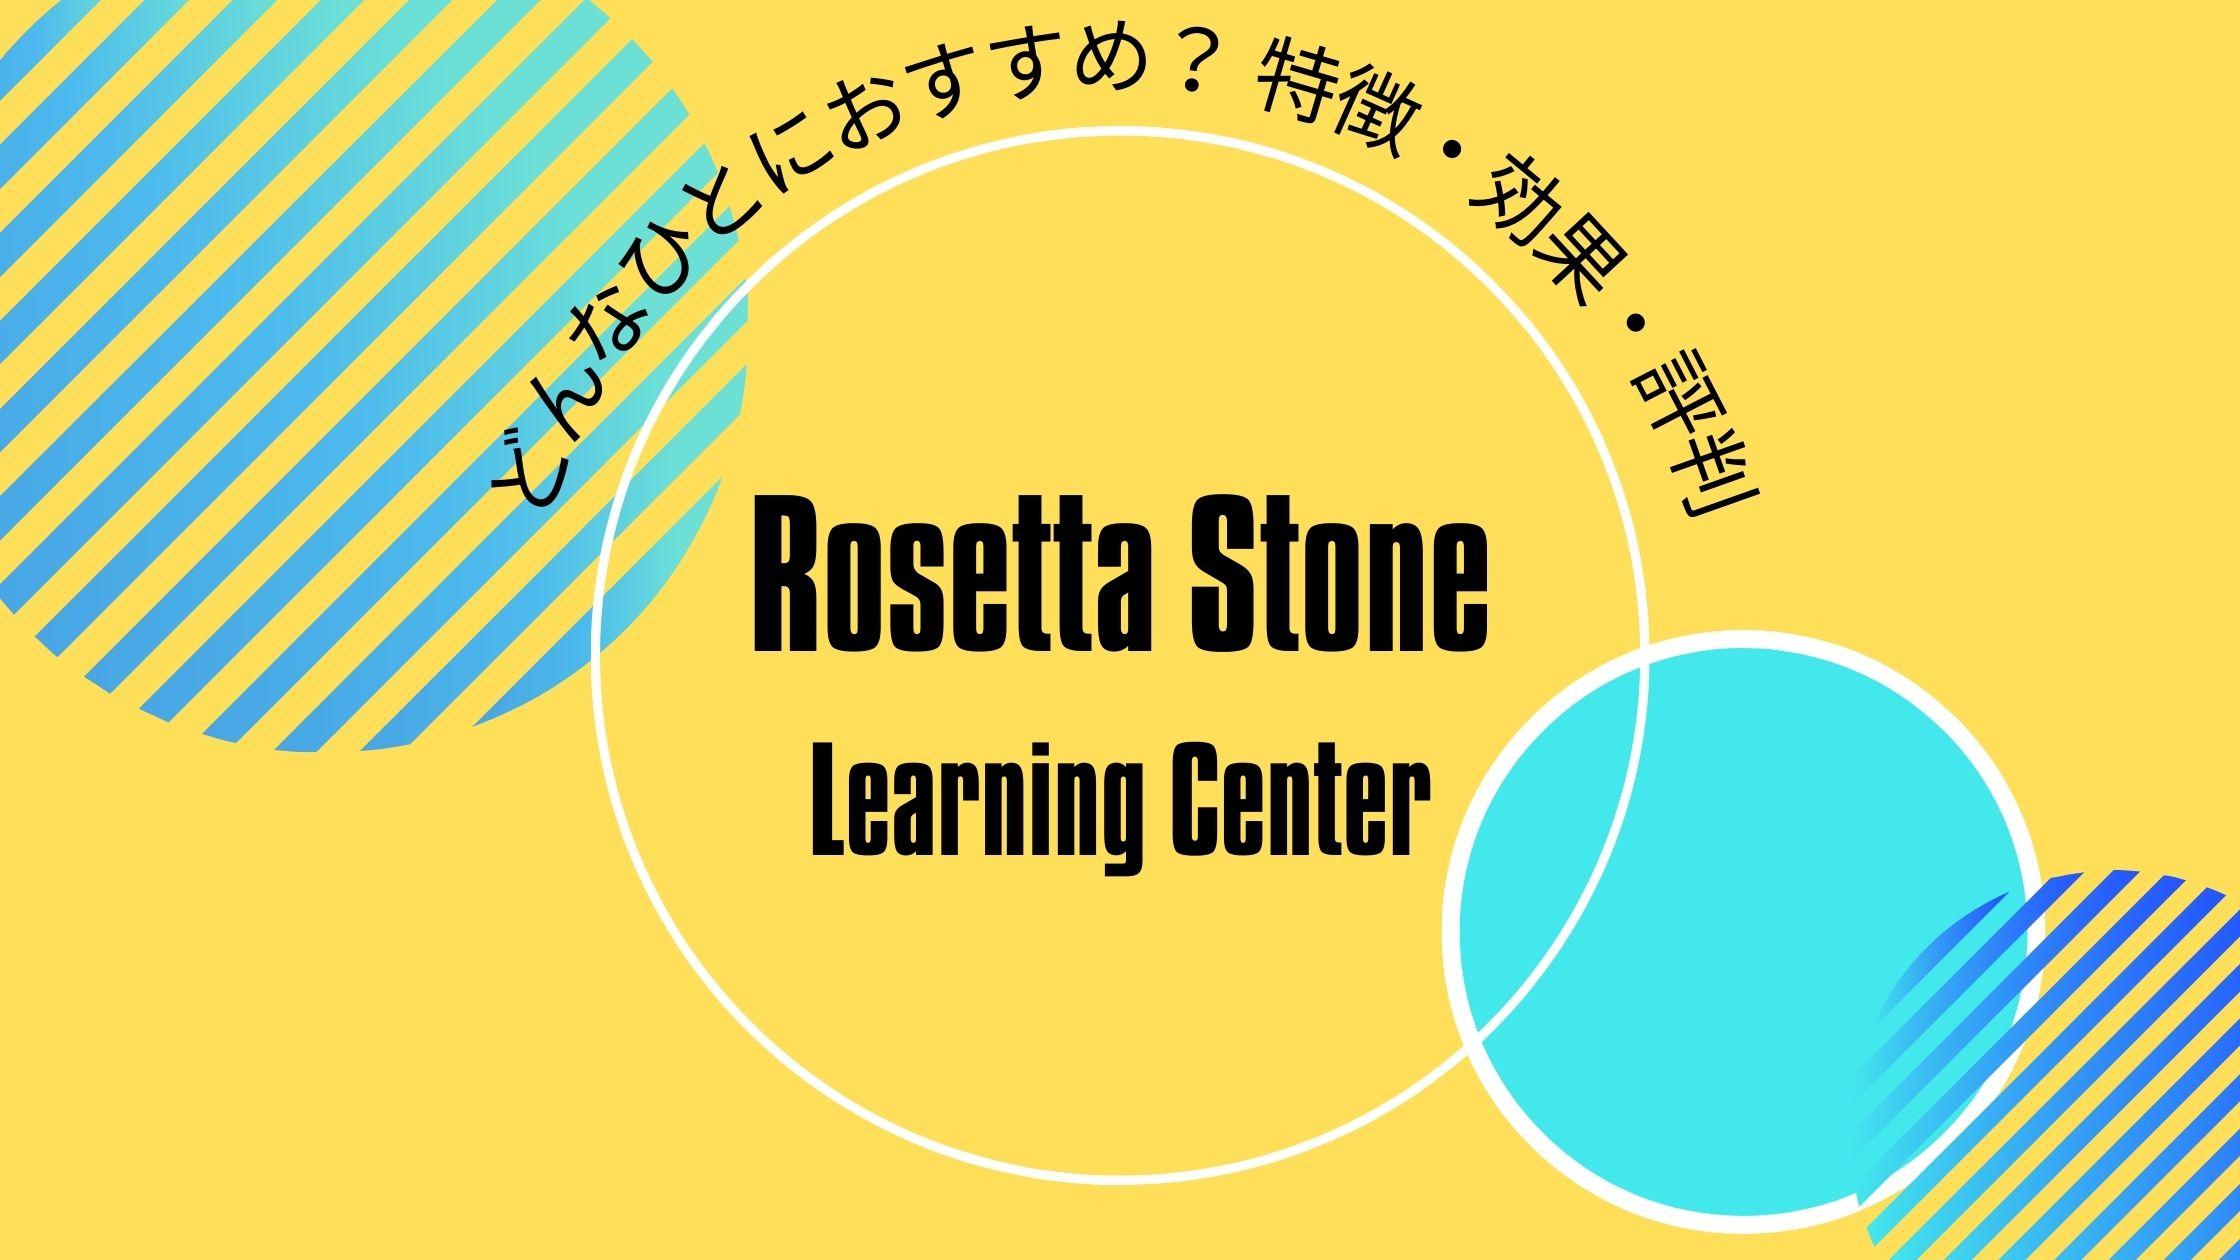 ロゼッタストーン・ラーニングセンターをTOEICフルスコアラーが徹底解剖!料金・特徴・効果は?